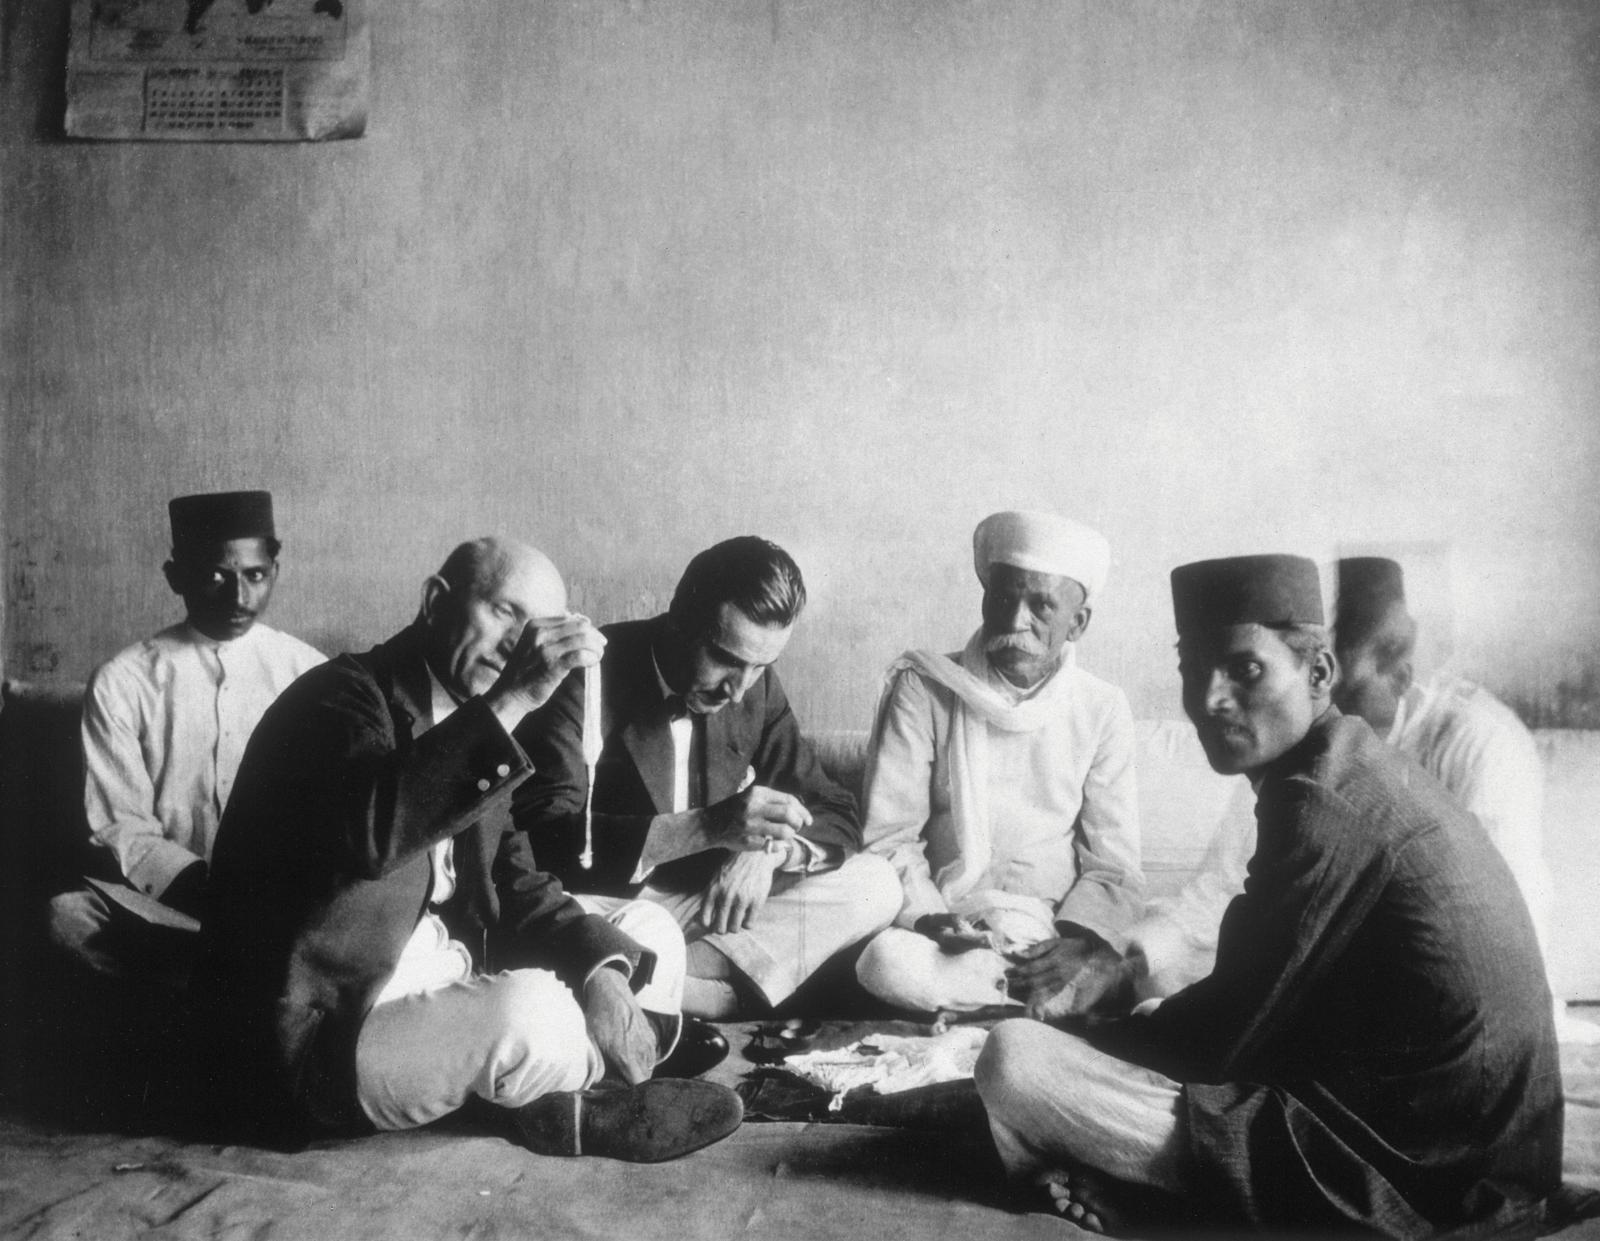 Groupe de négociants indiens entourant Louis Boucheron, vers 1914-1920.